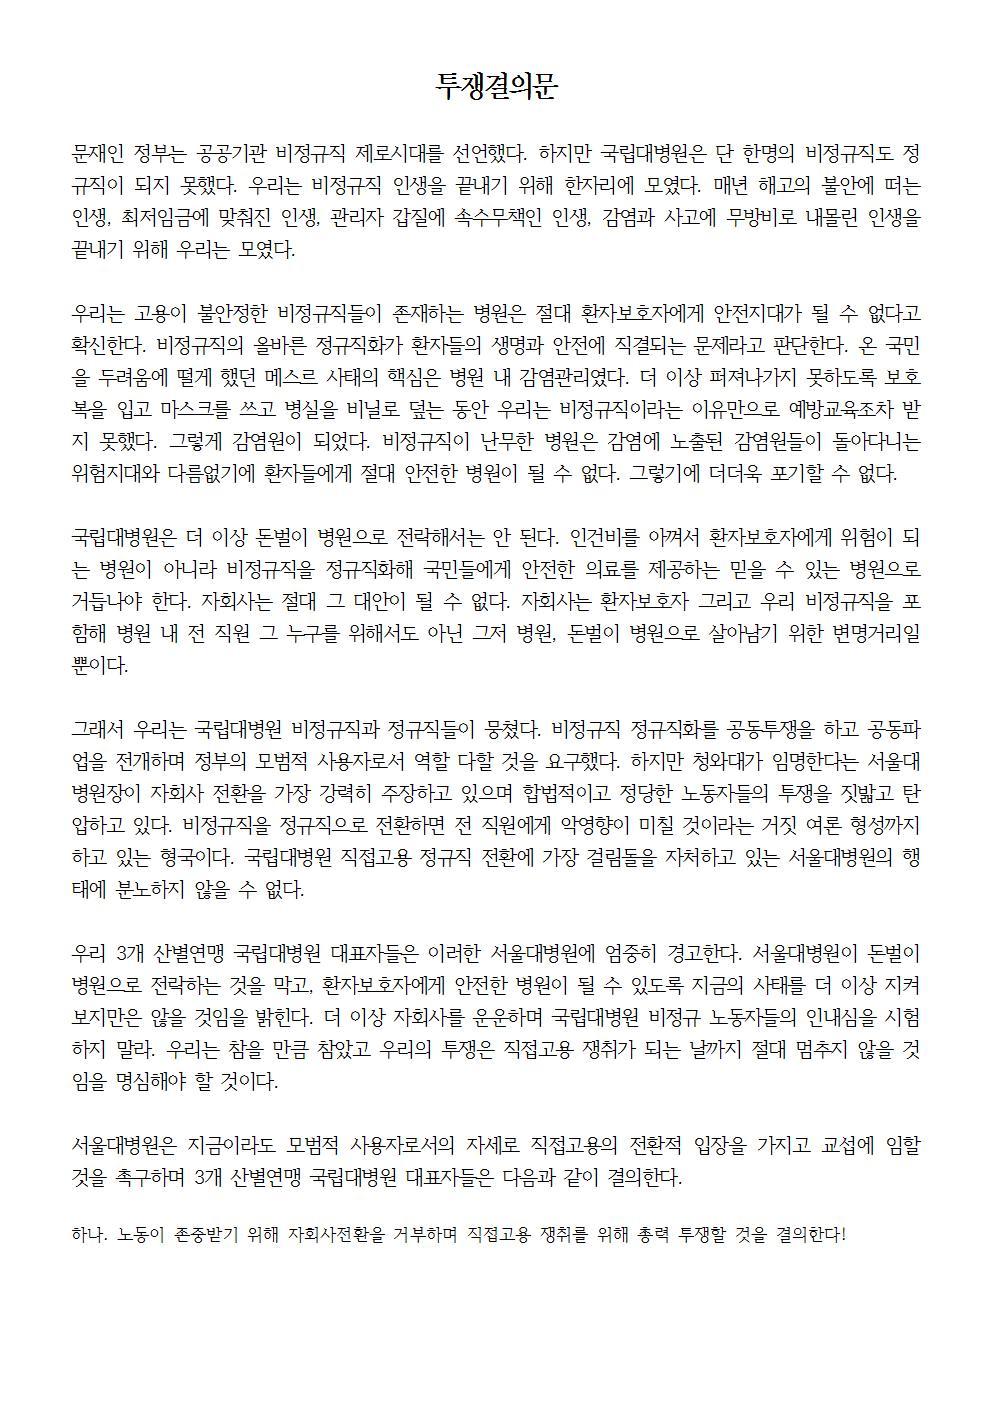 190528_보도자료_서울대병원규탄_3연맹_결의대회003.jpg